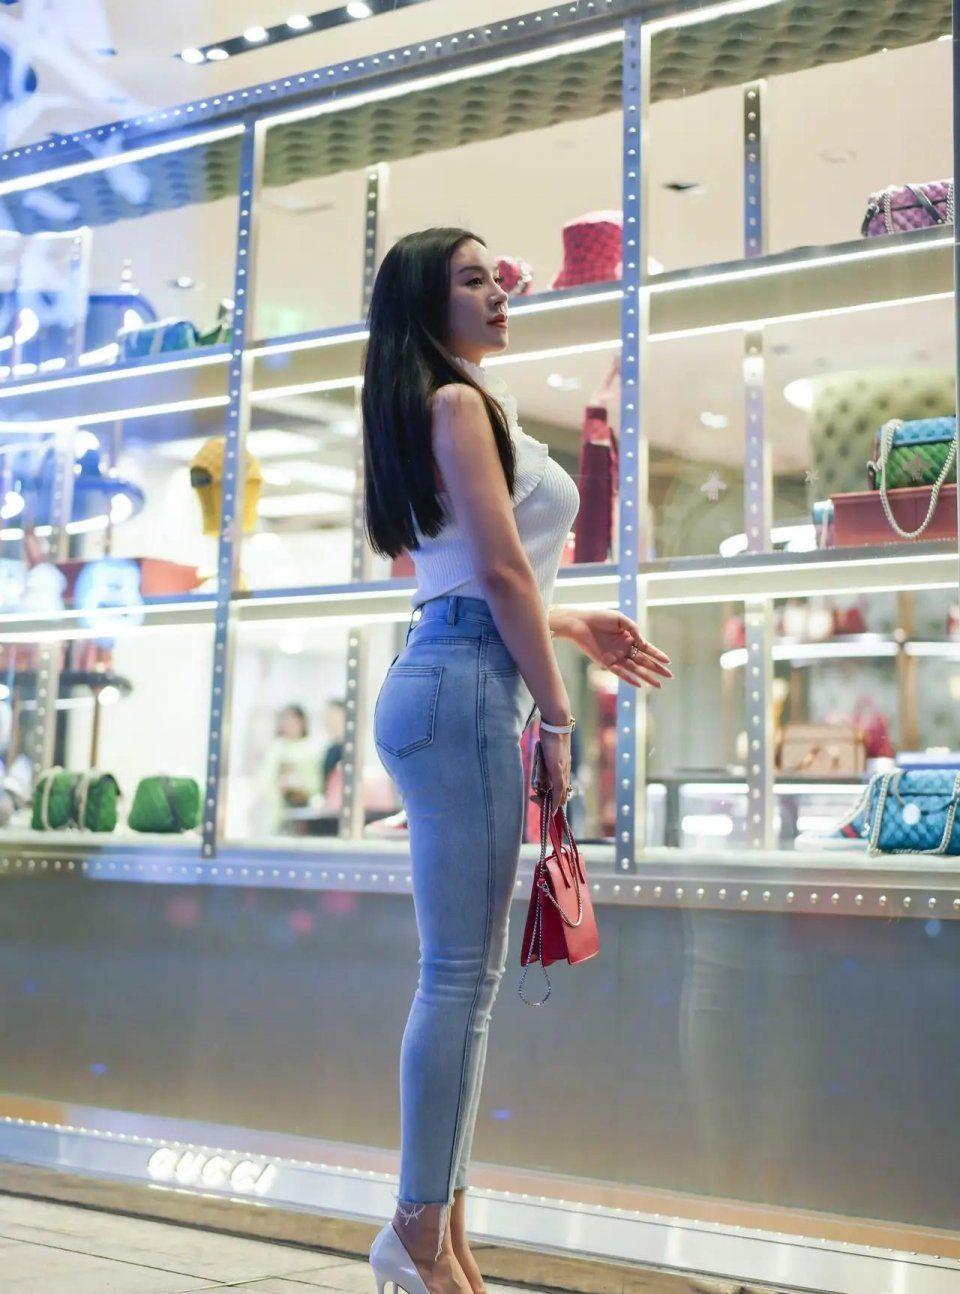 女生都钟情于牛仔裤,搭配无袖针织衫,休闲有型美丽又成熟